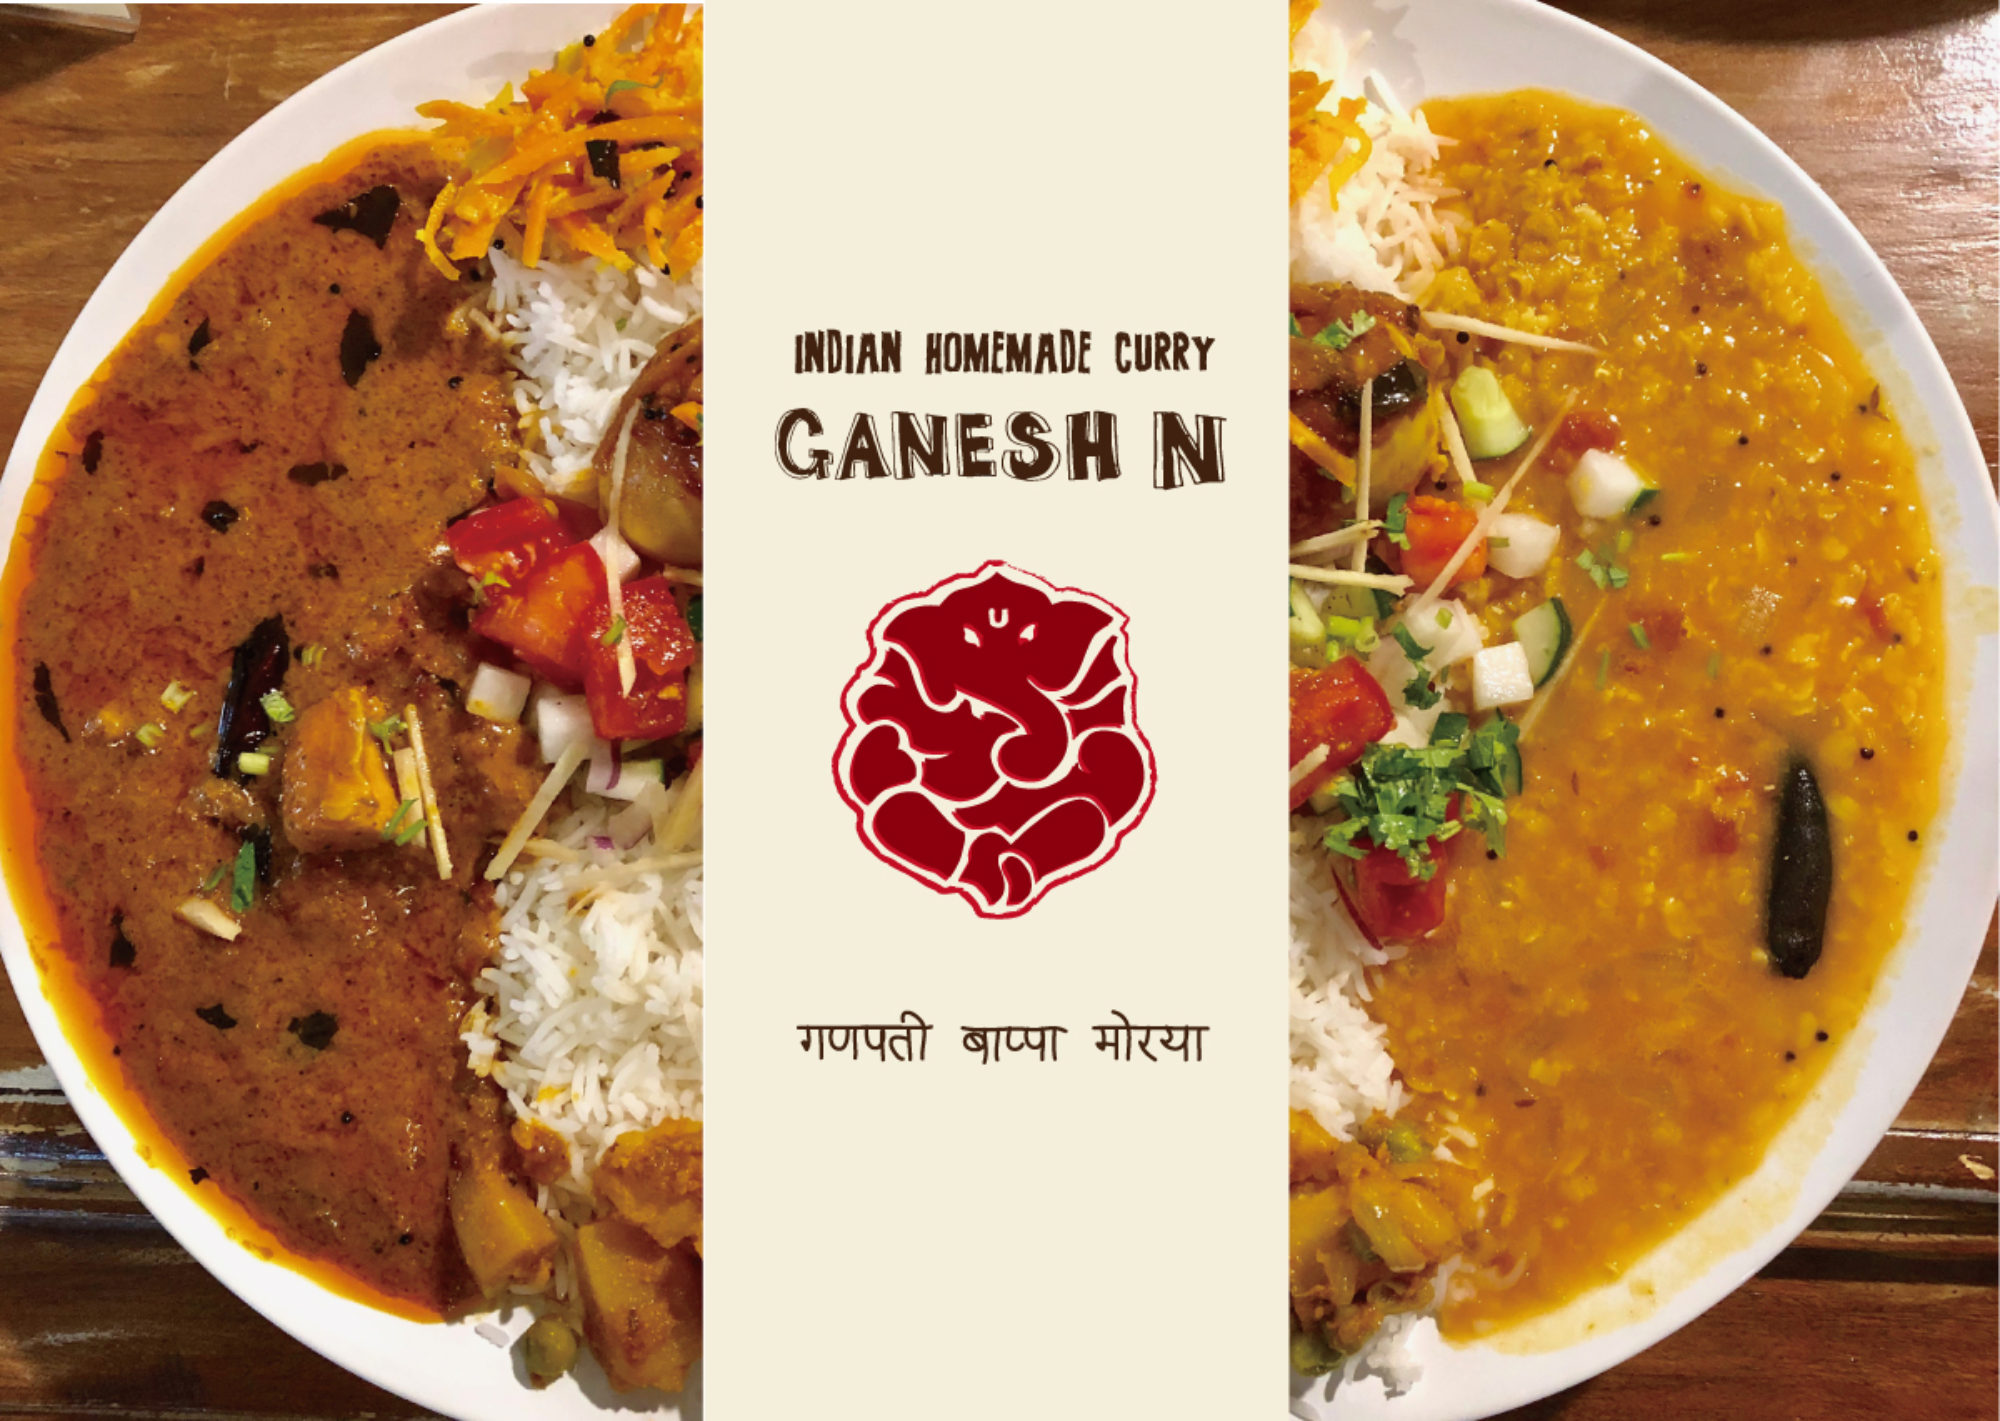 Ganesh N